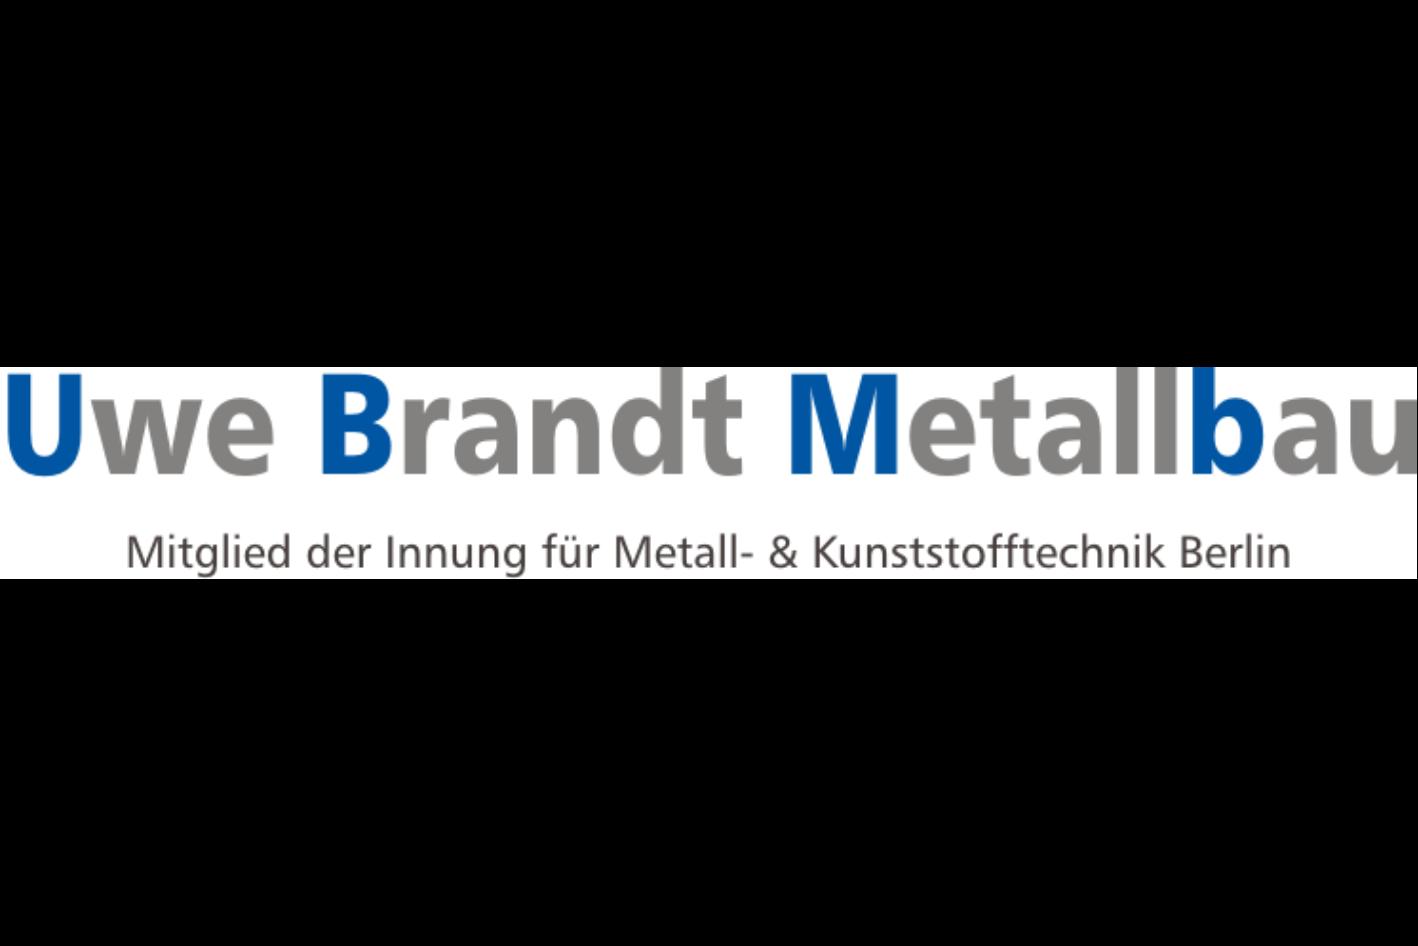 Altay Werbung Partner - Uwe Brandt Metallbau